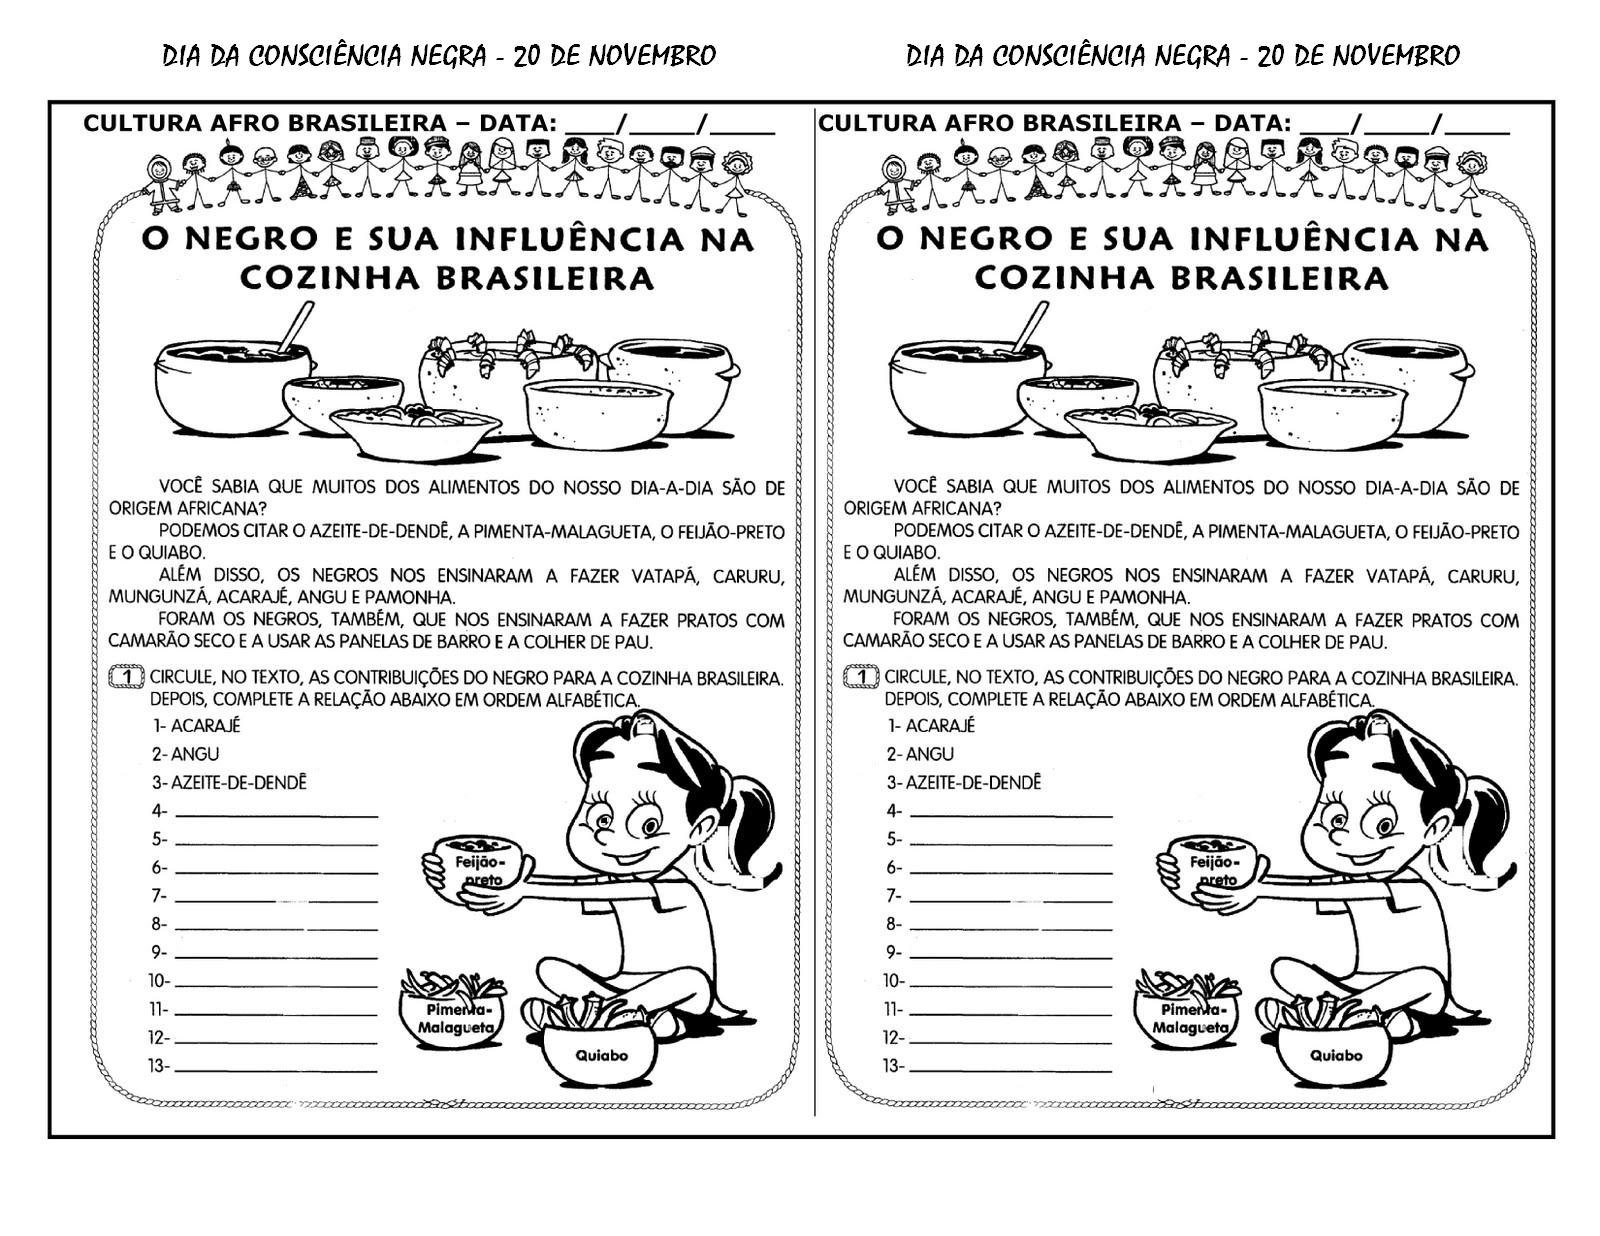 Atividades Da Tia Liu Consci Ncia Negra Desenhos E Atividades  ~ Desenhos Para Colorir Cozinha